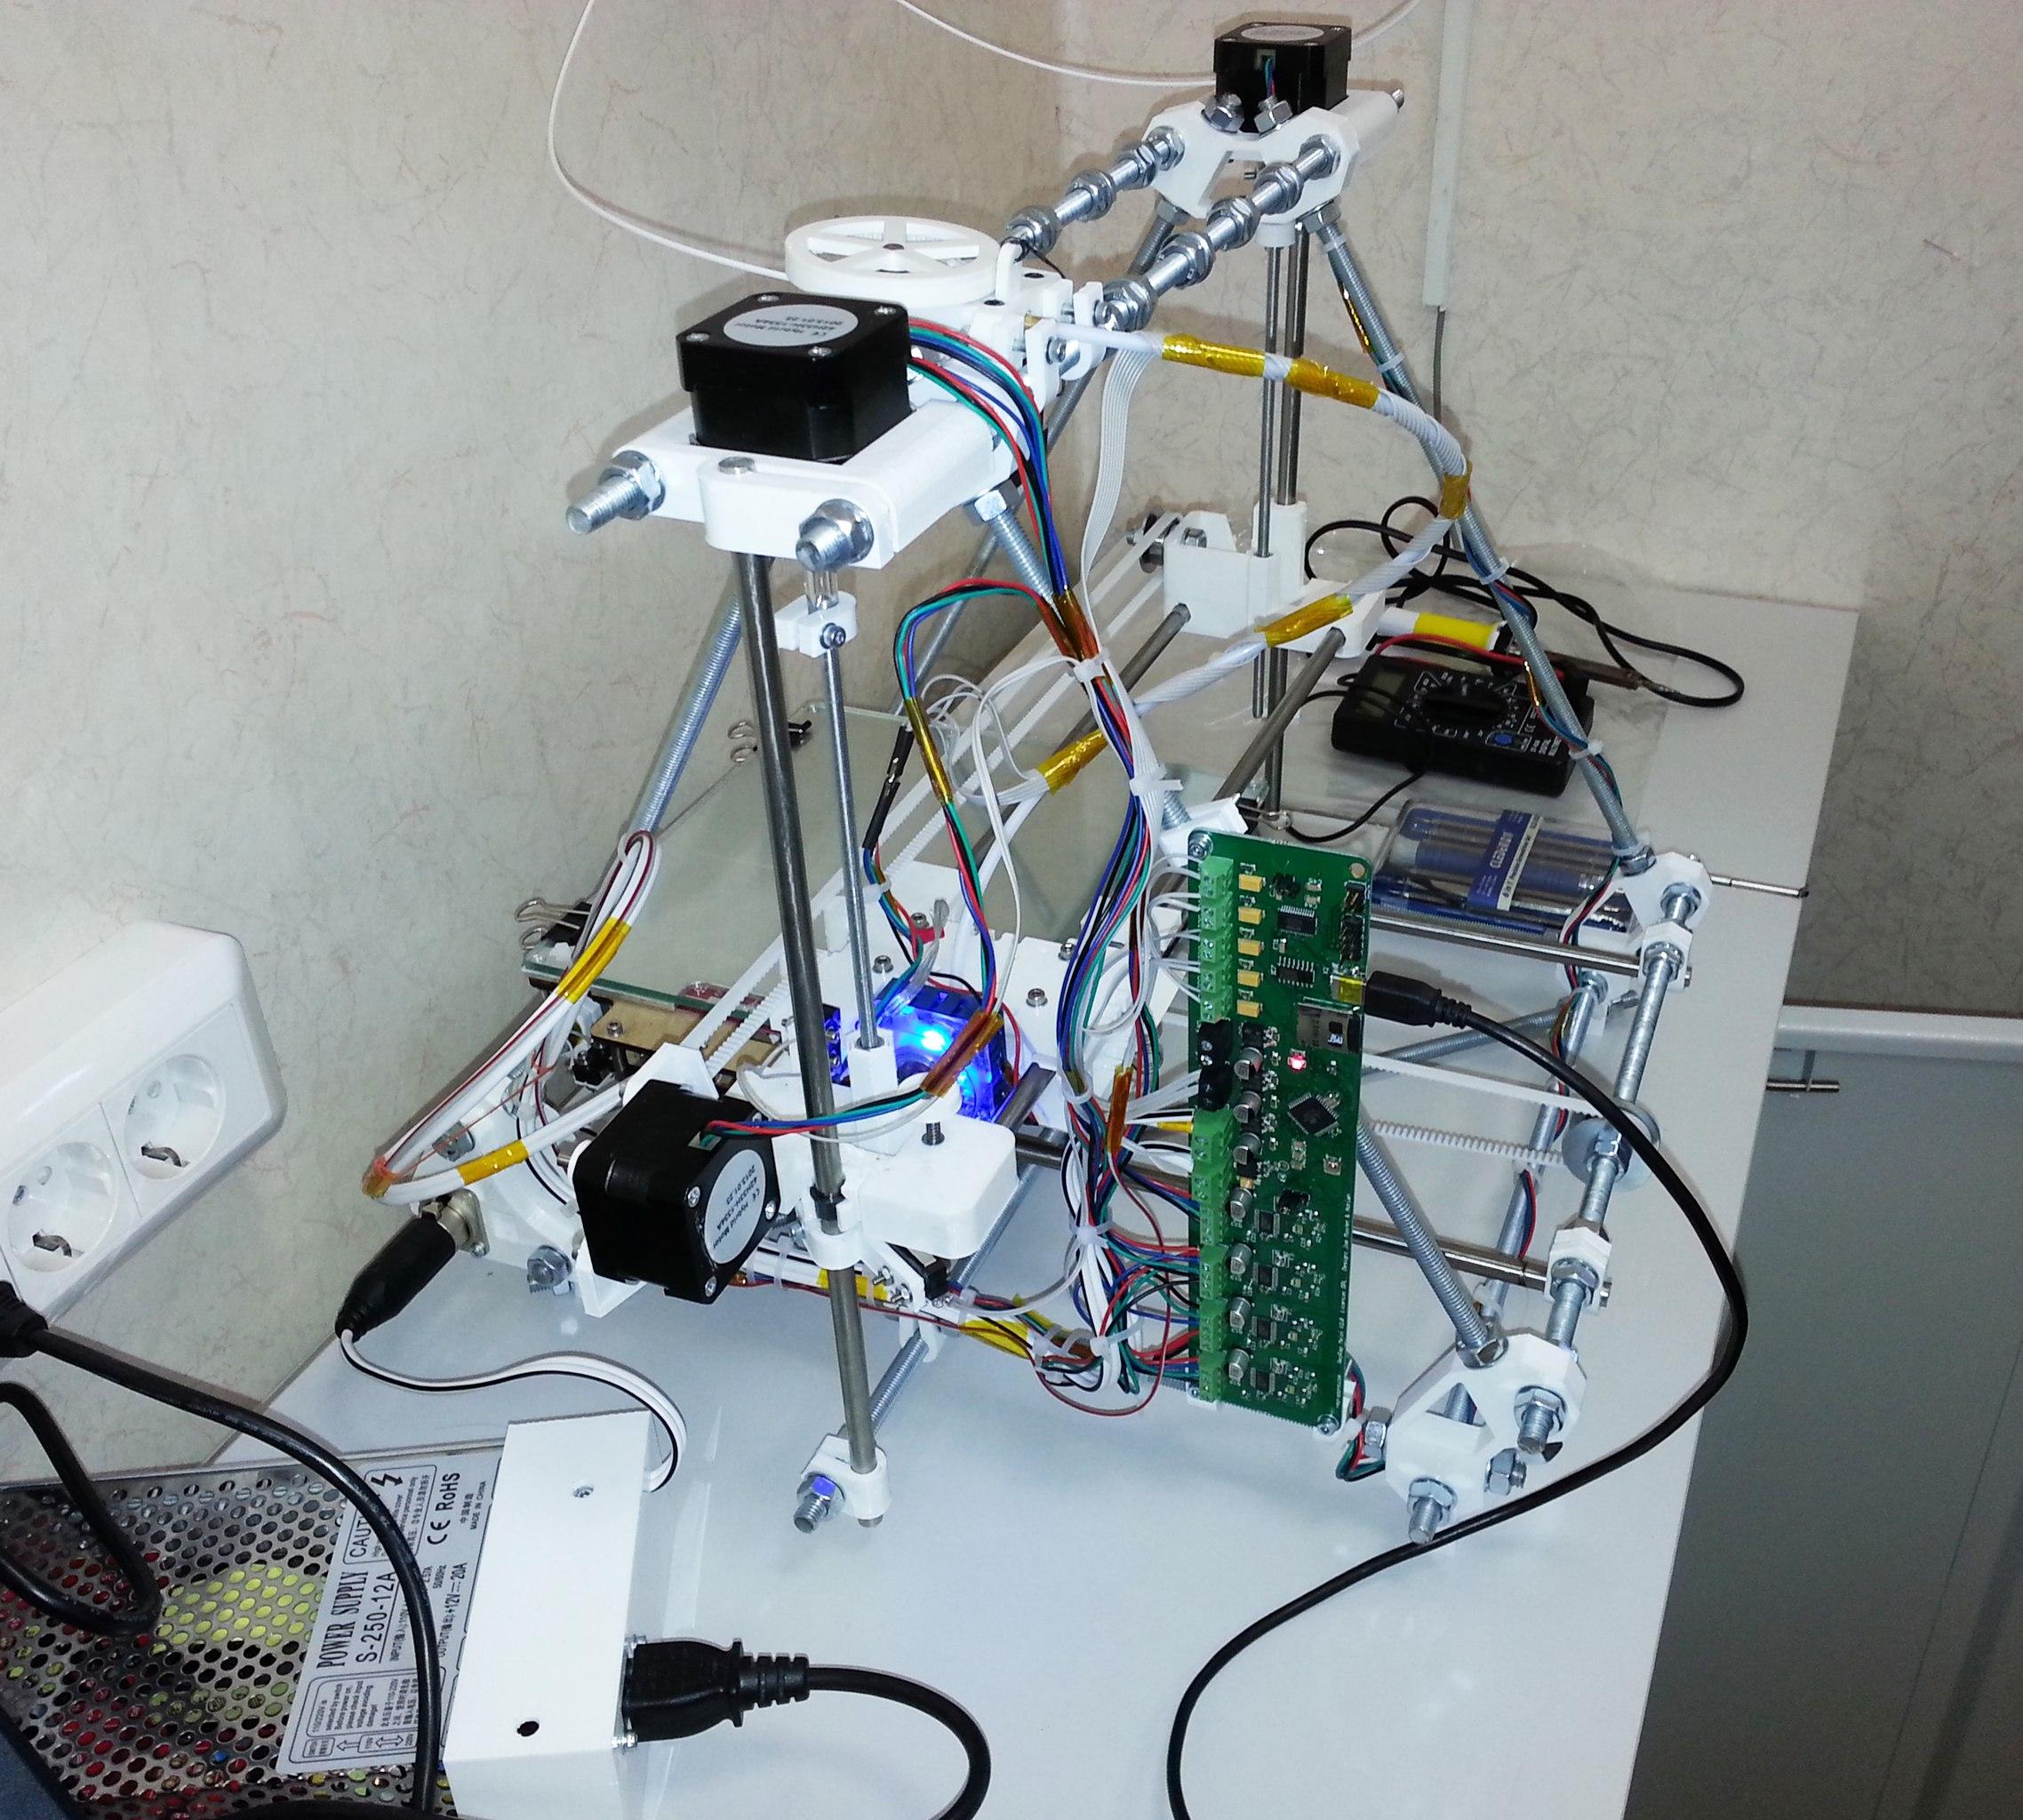 Бесплатный вебинар «Создание бизнеса без вложений: Студия 3D моделирования и робототехники». Ведет Анатолий Гармашов